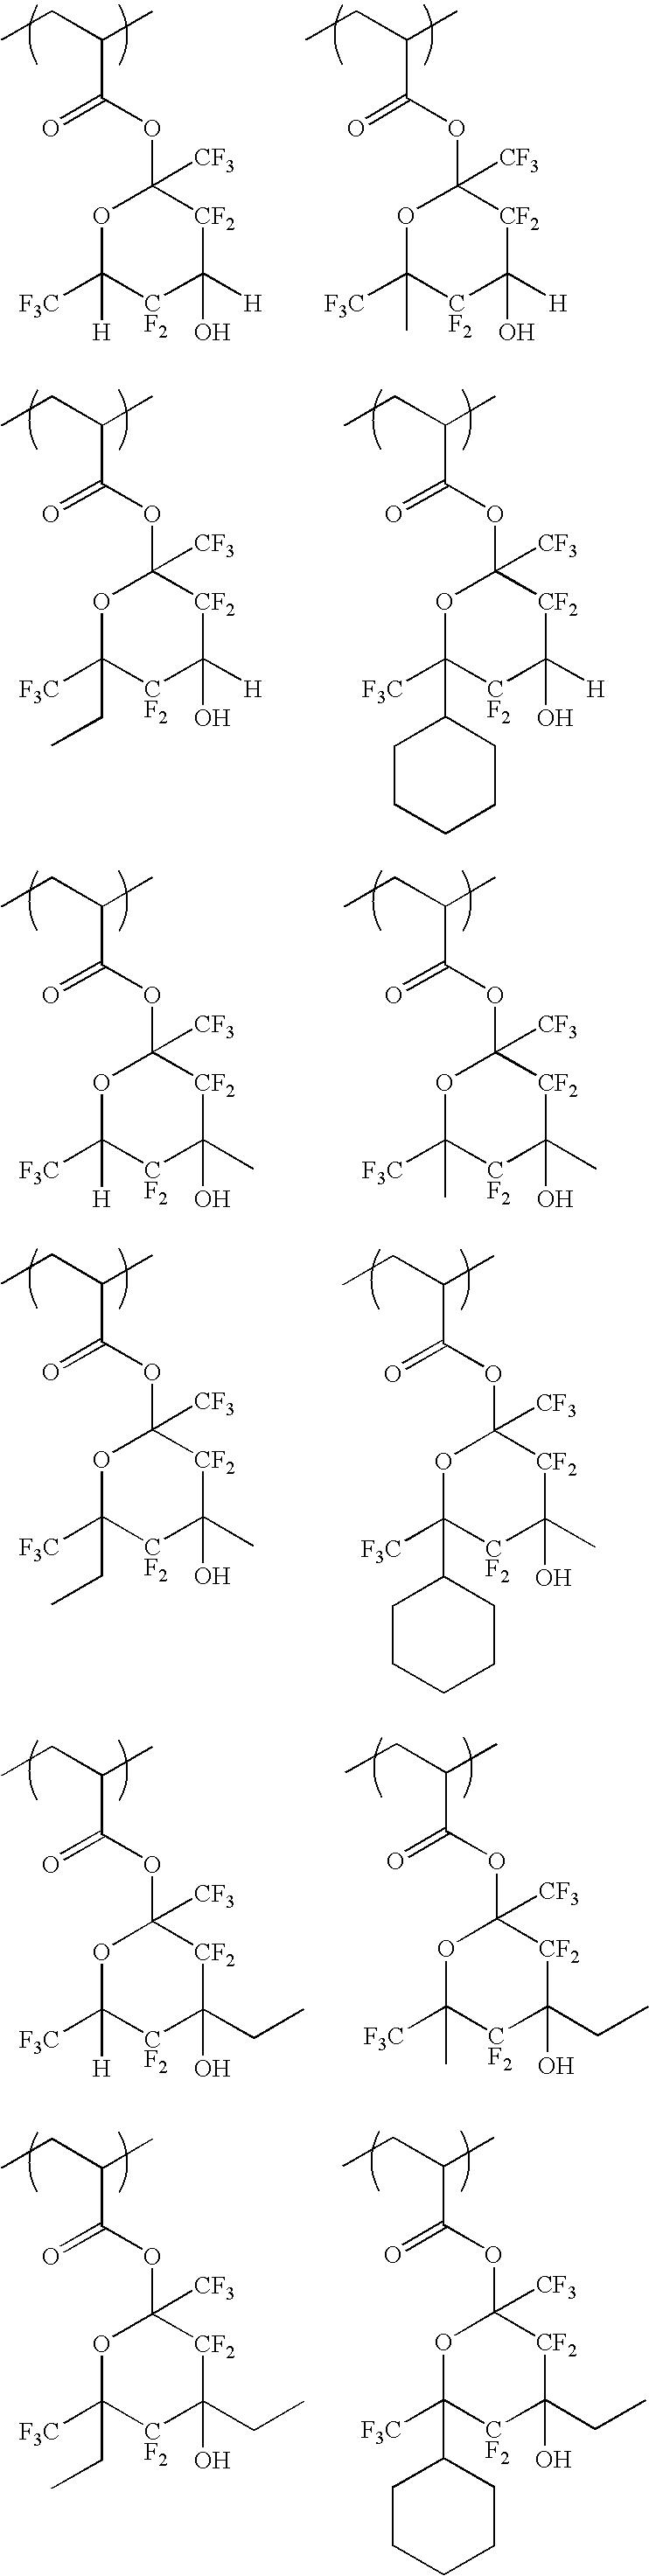 Figure US20060094817A1-20060504-C00033